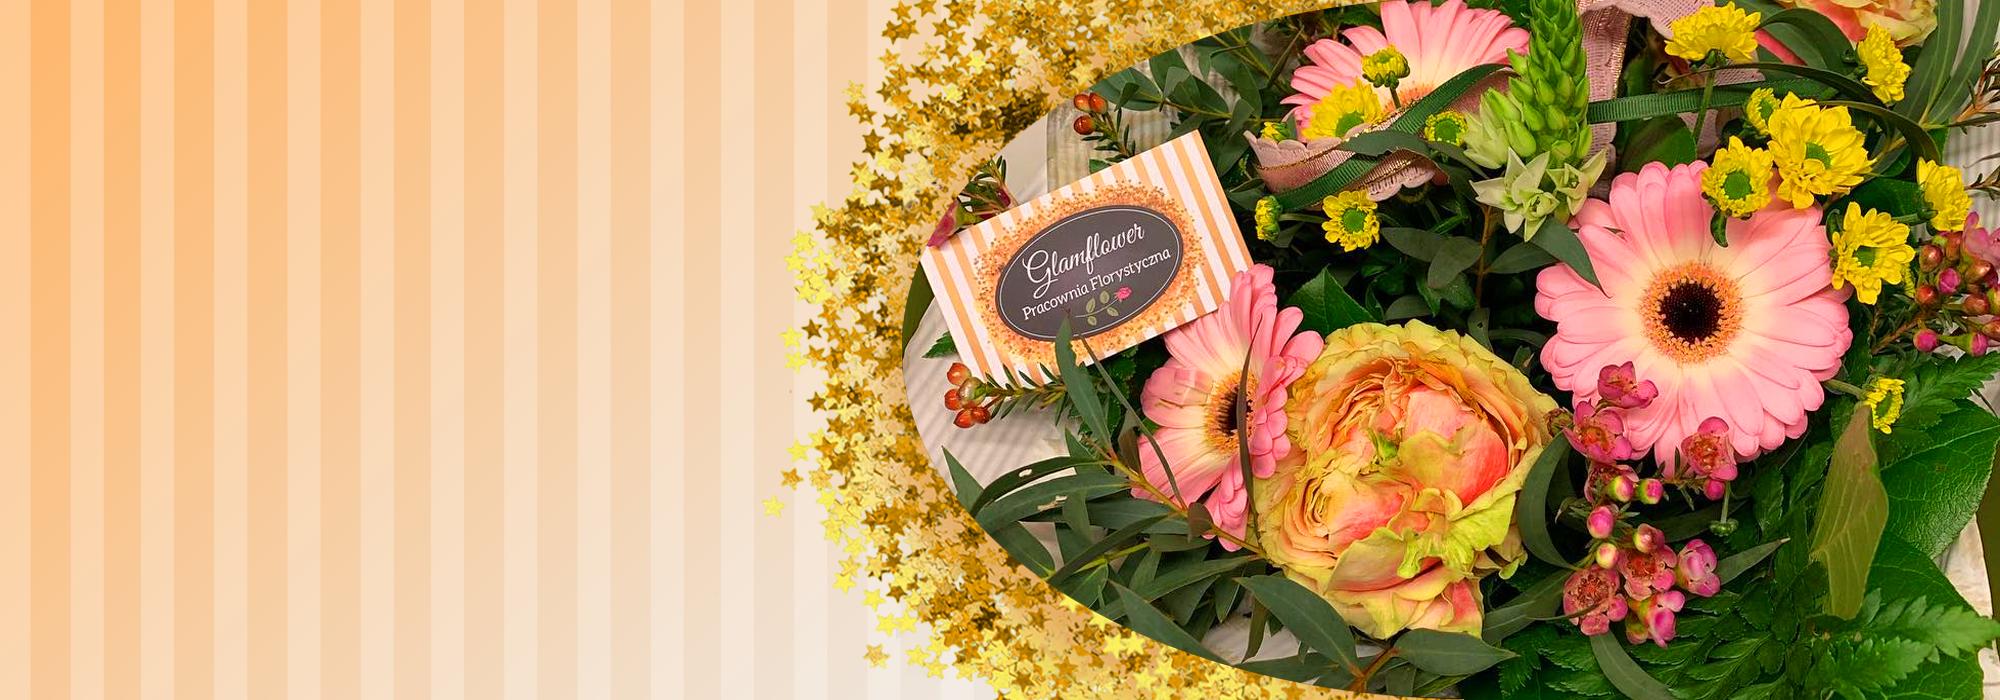 Glamflower Pracownia Florystyczna